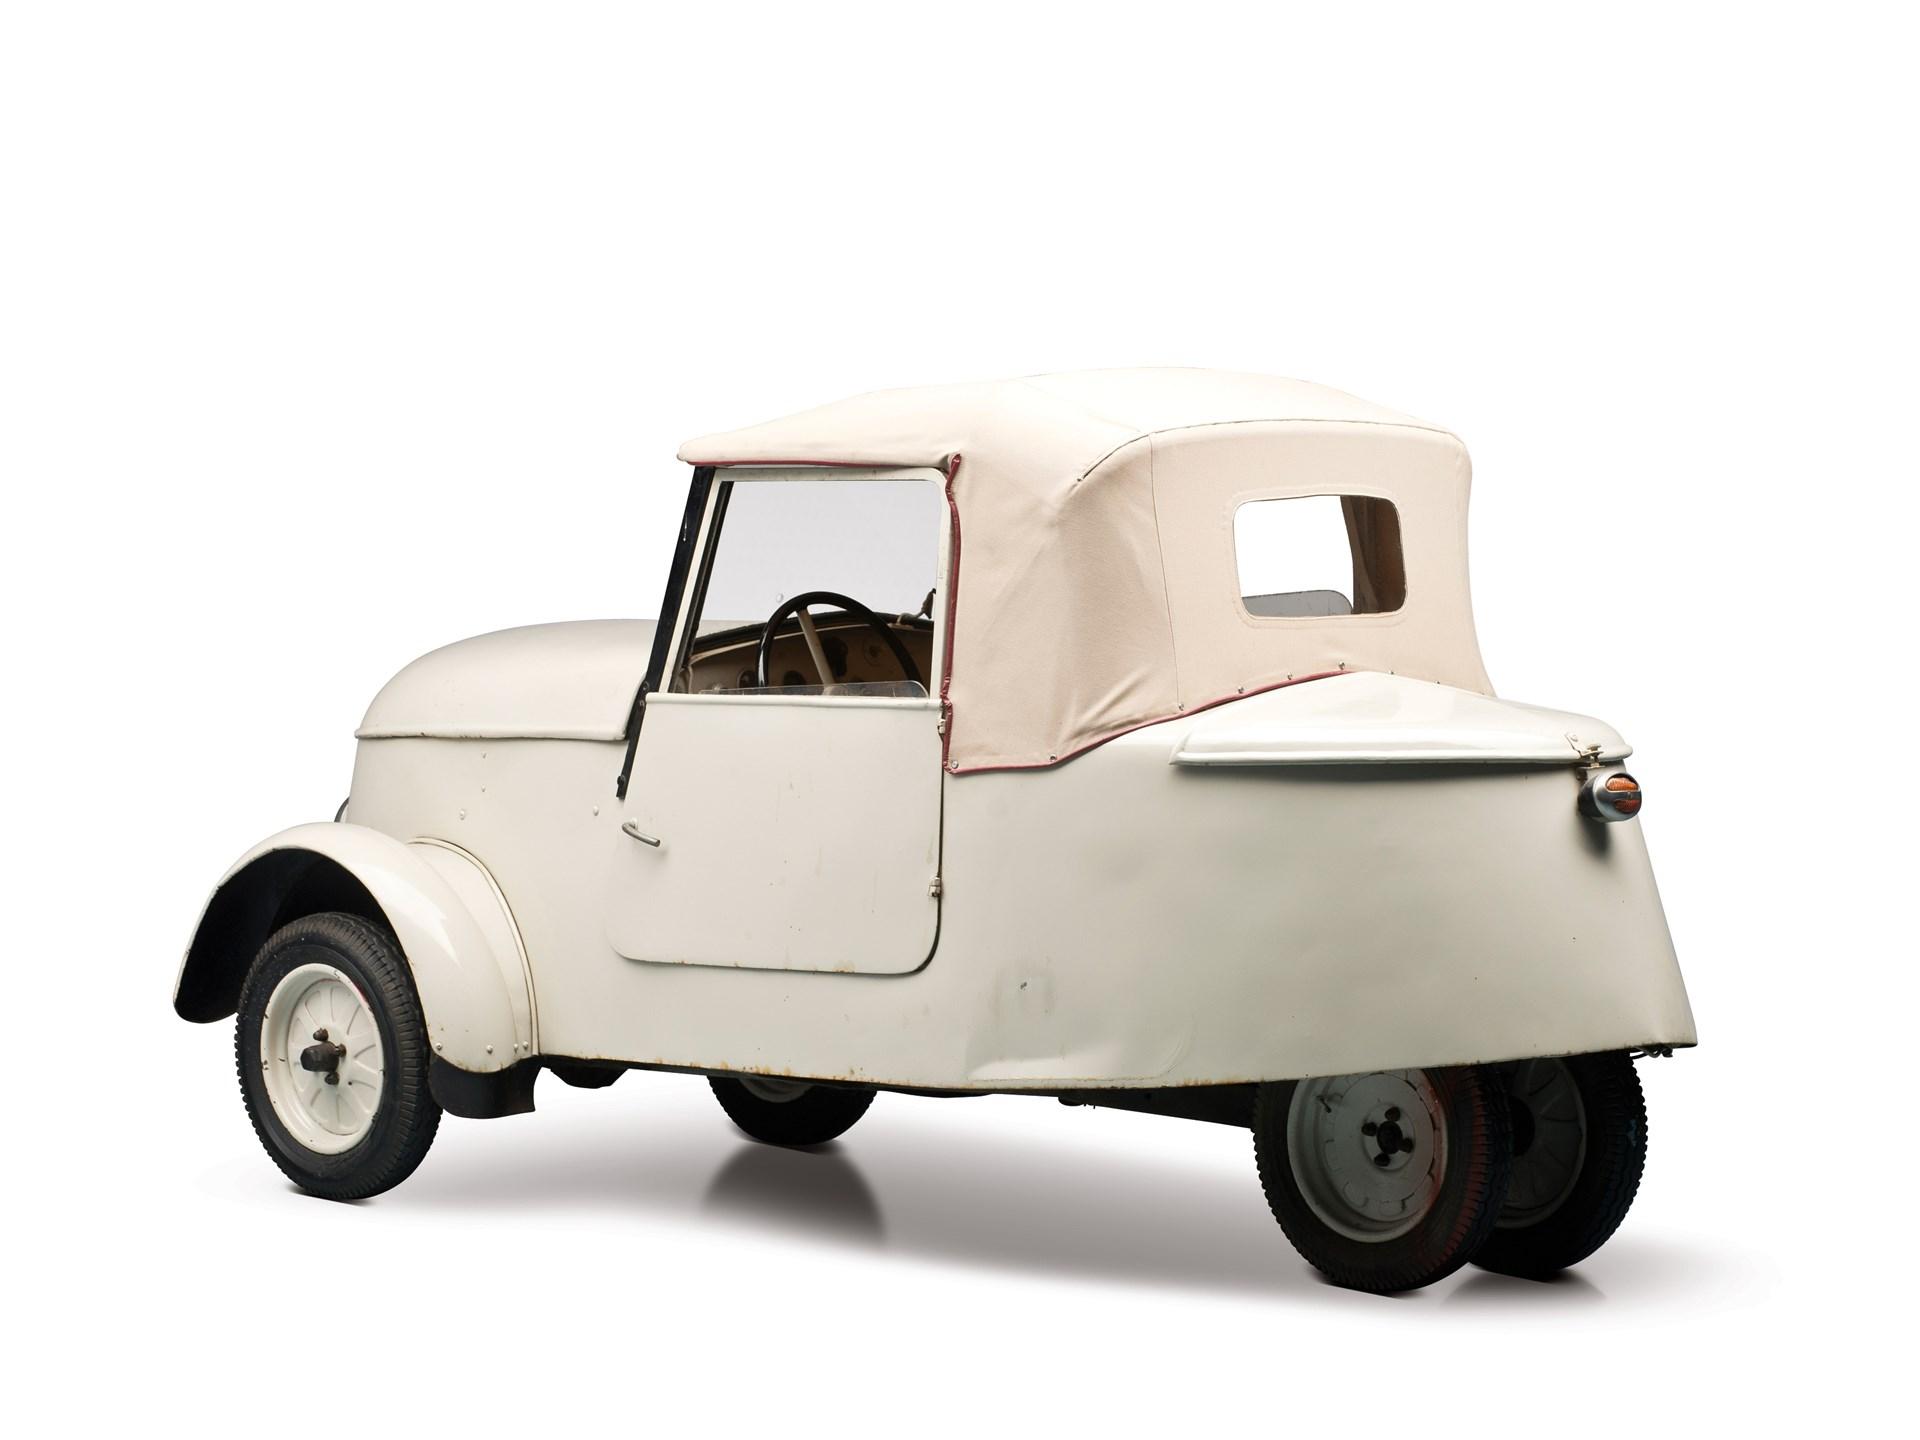 1942 Peugeot VLV